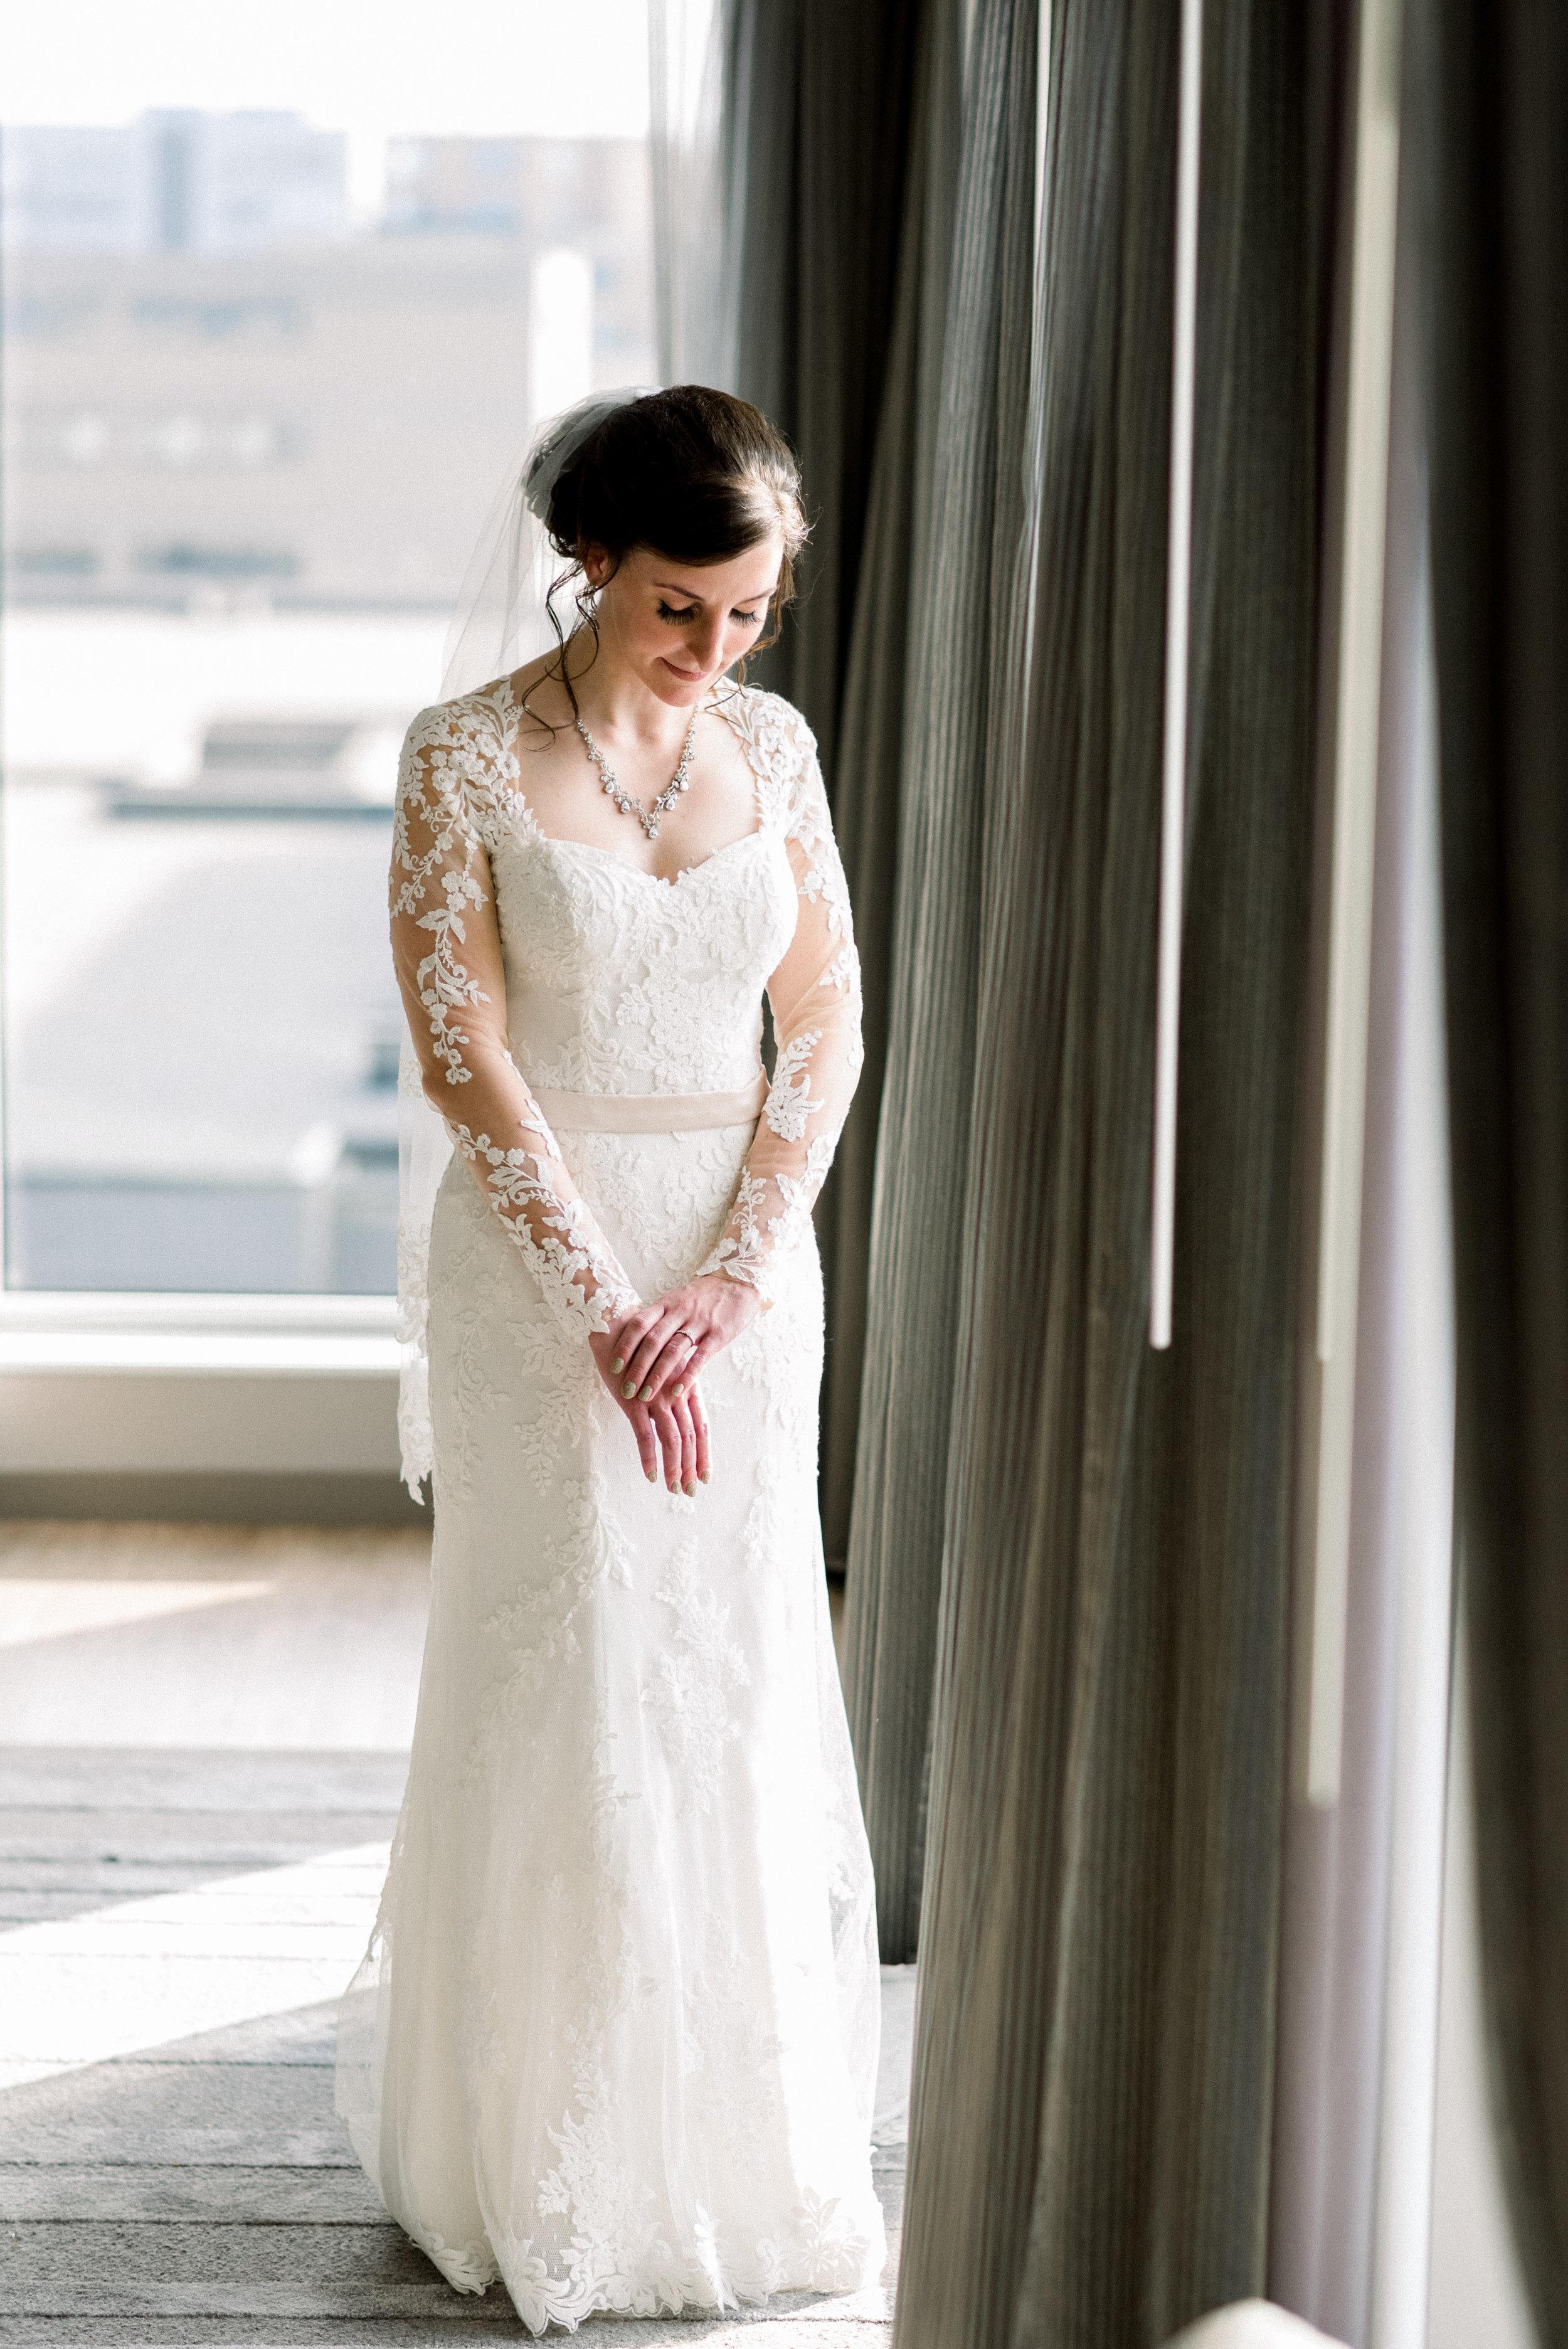 AC Hotel by Marriott-Madison-WI-Wedding-Photos-0003.jpg